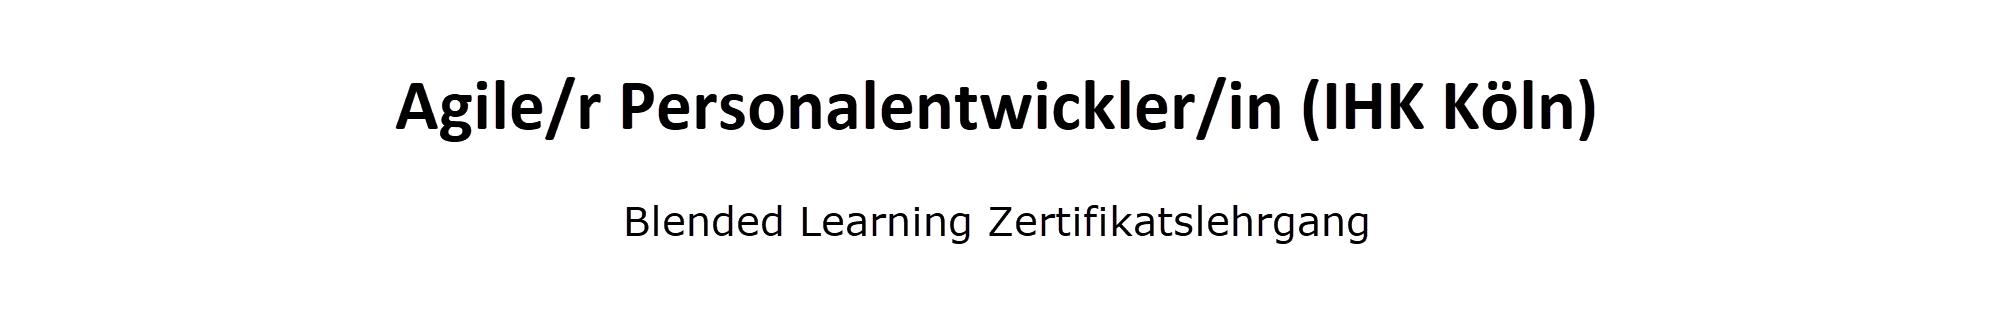 Agile/r Personalentwickler/in (IHK) Blended Learning Zertifikatslehrgang